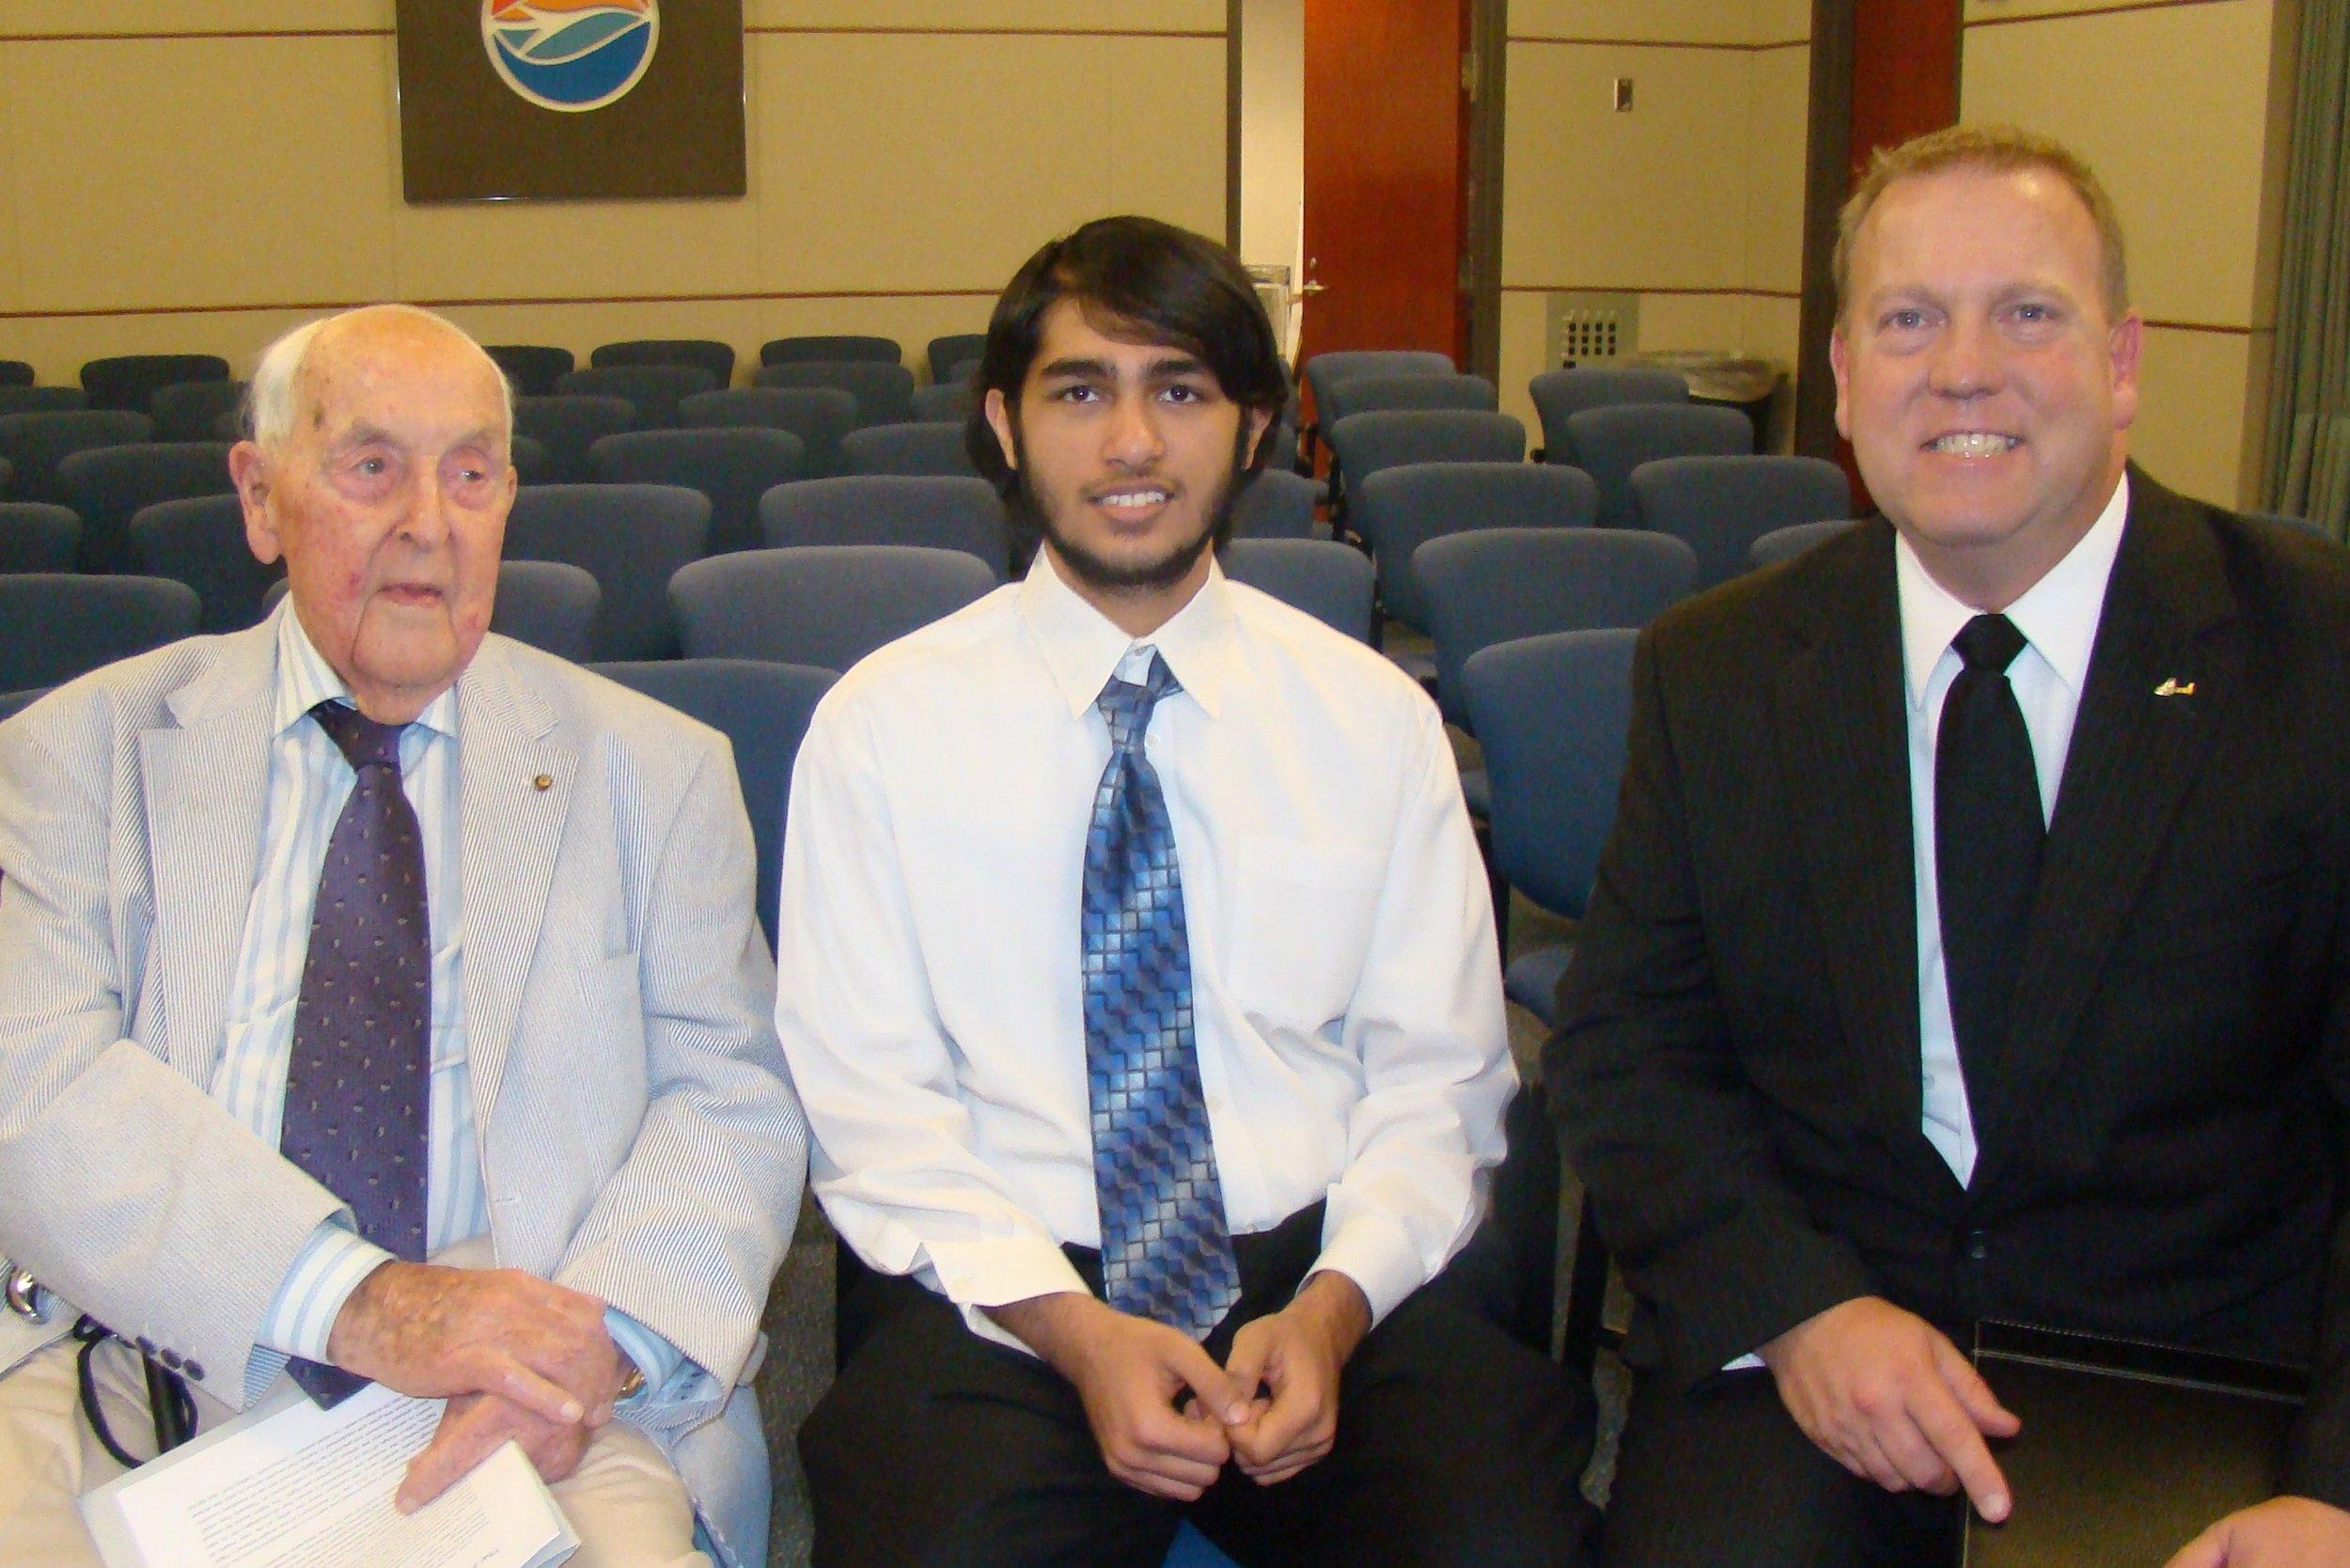 Sir Lenox, Farhan Hiya & Bill McGrew, 27 Oct '11 - Copy (2).JPG